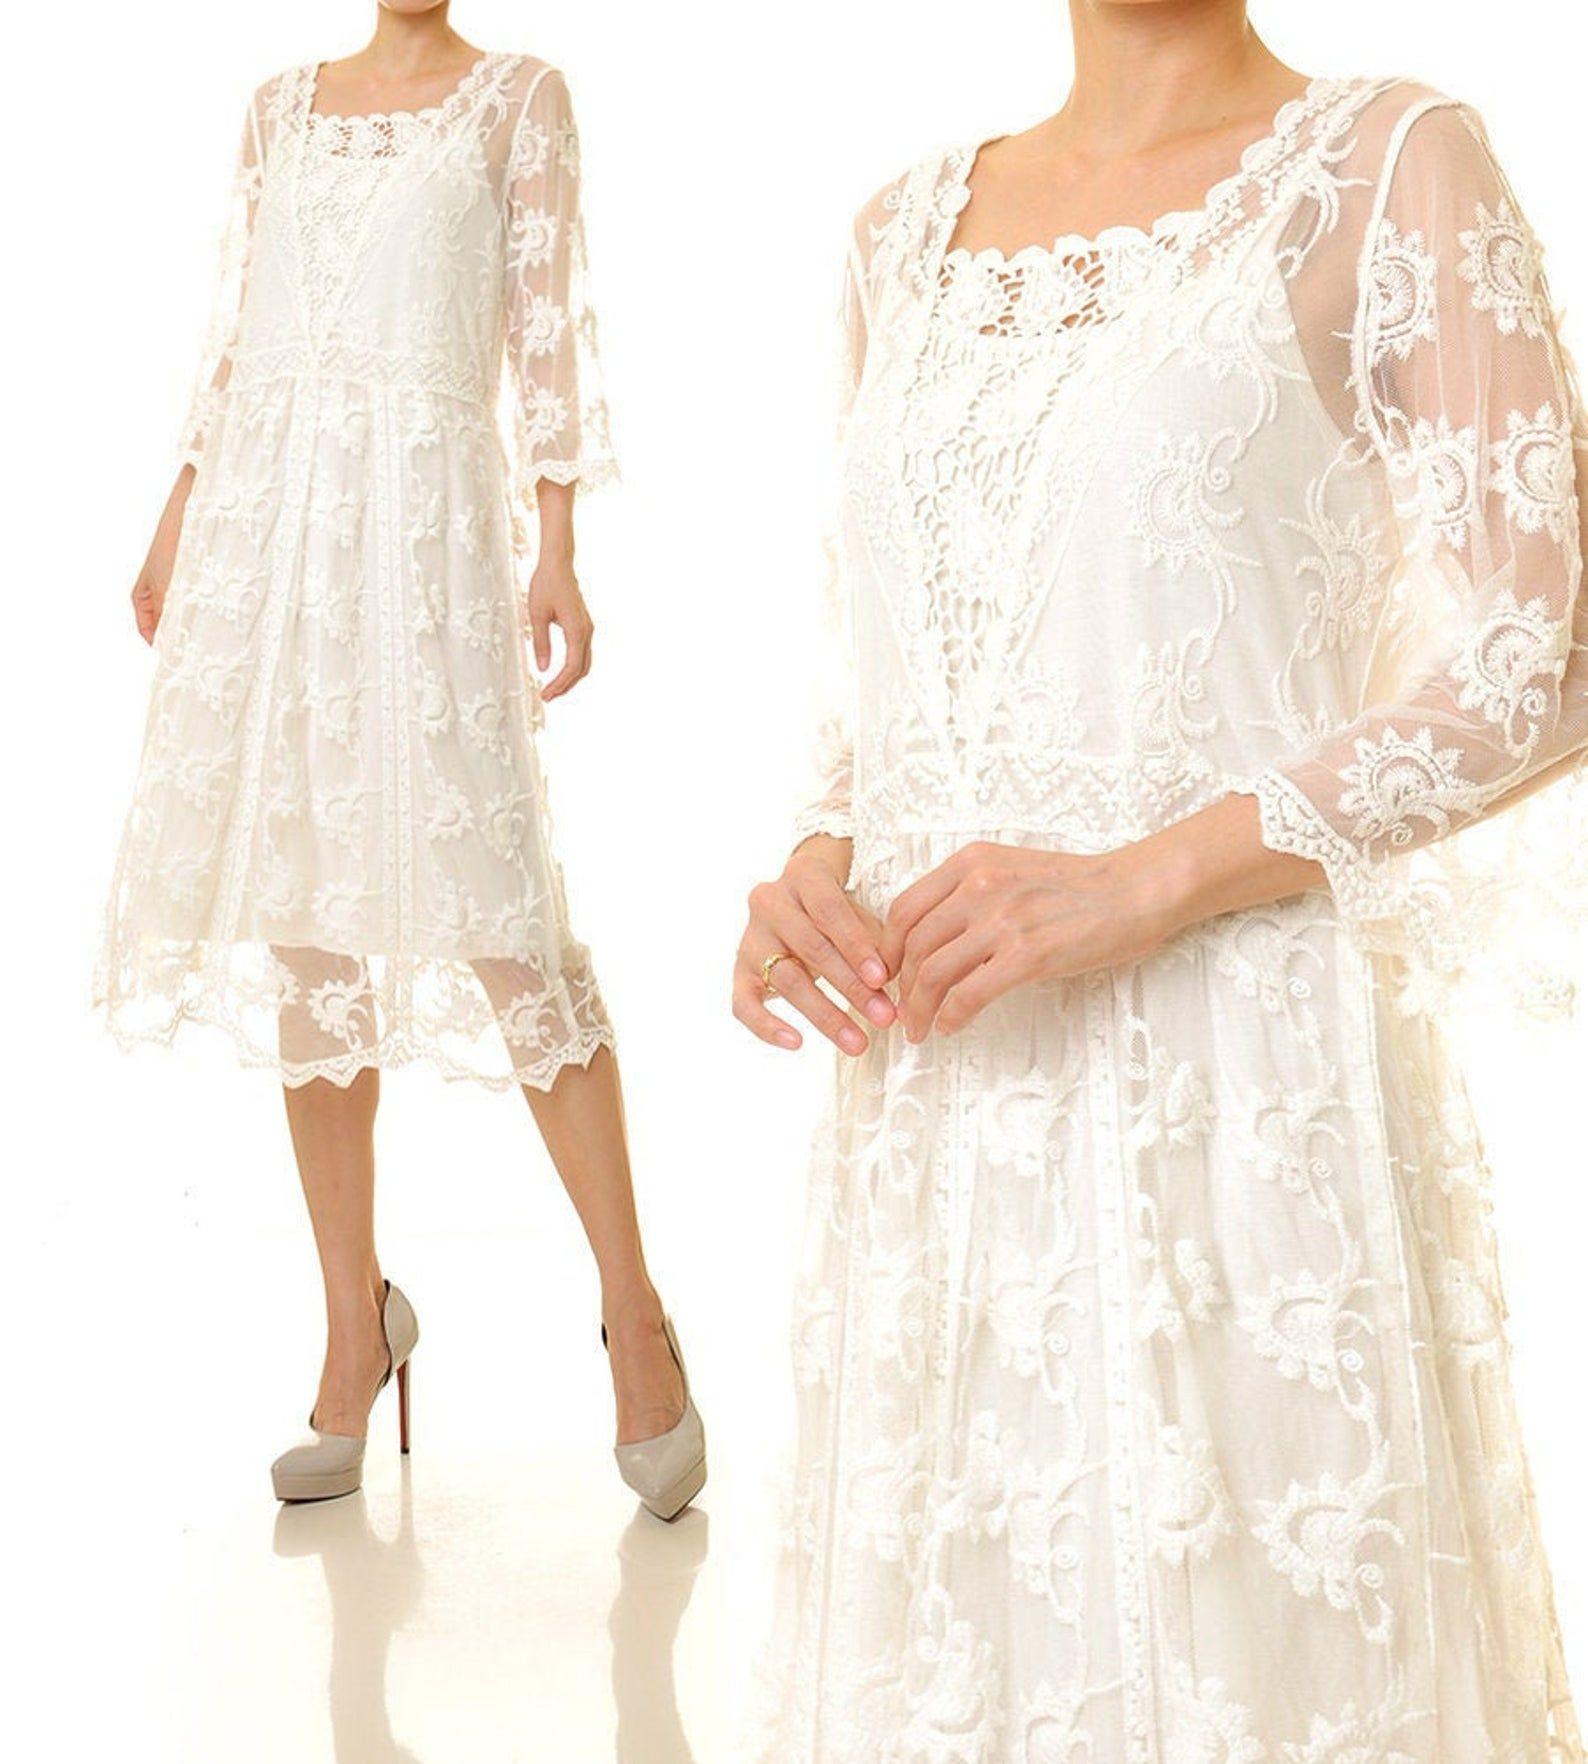 White Lace Dress Lace Overlay Dress Tunic Bridal Beach Etsy Lace Dress Boho Lace White Dress Lace Overlay Dress [ 1764 x 1588 Pixel ]